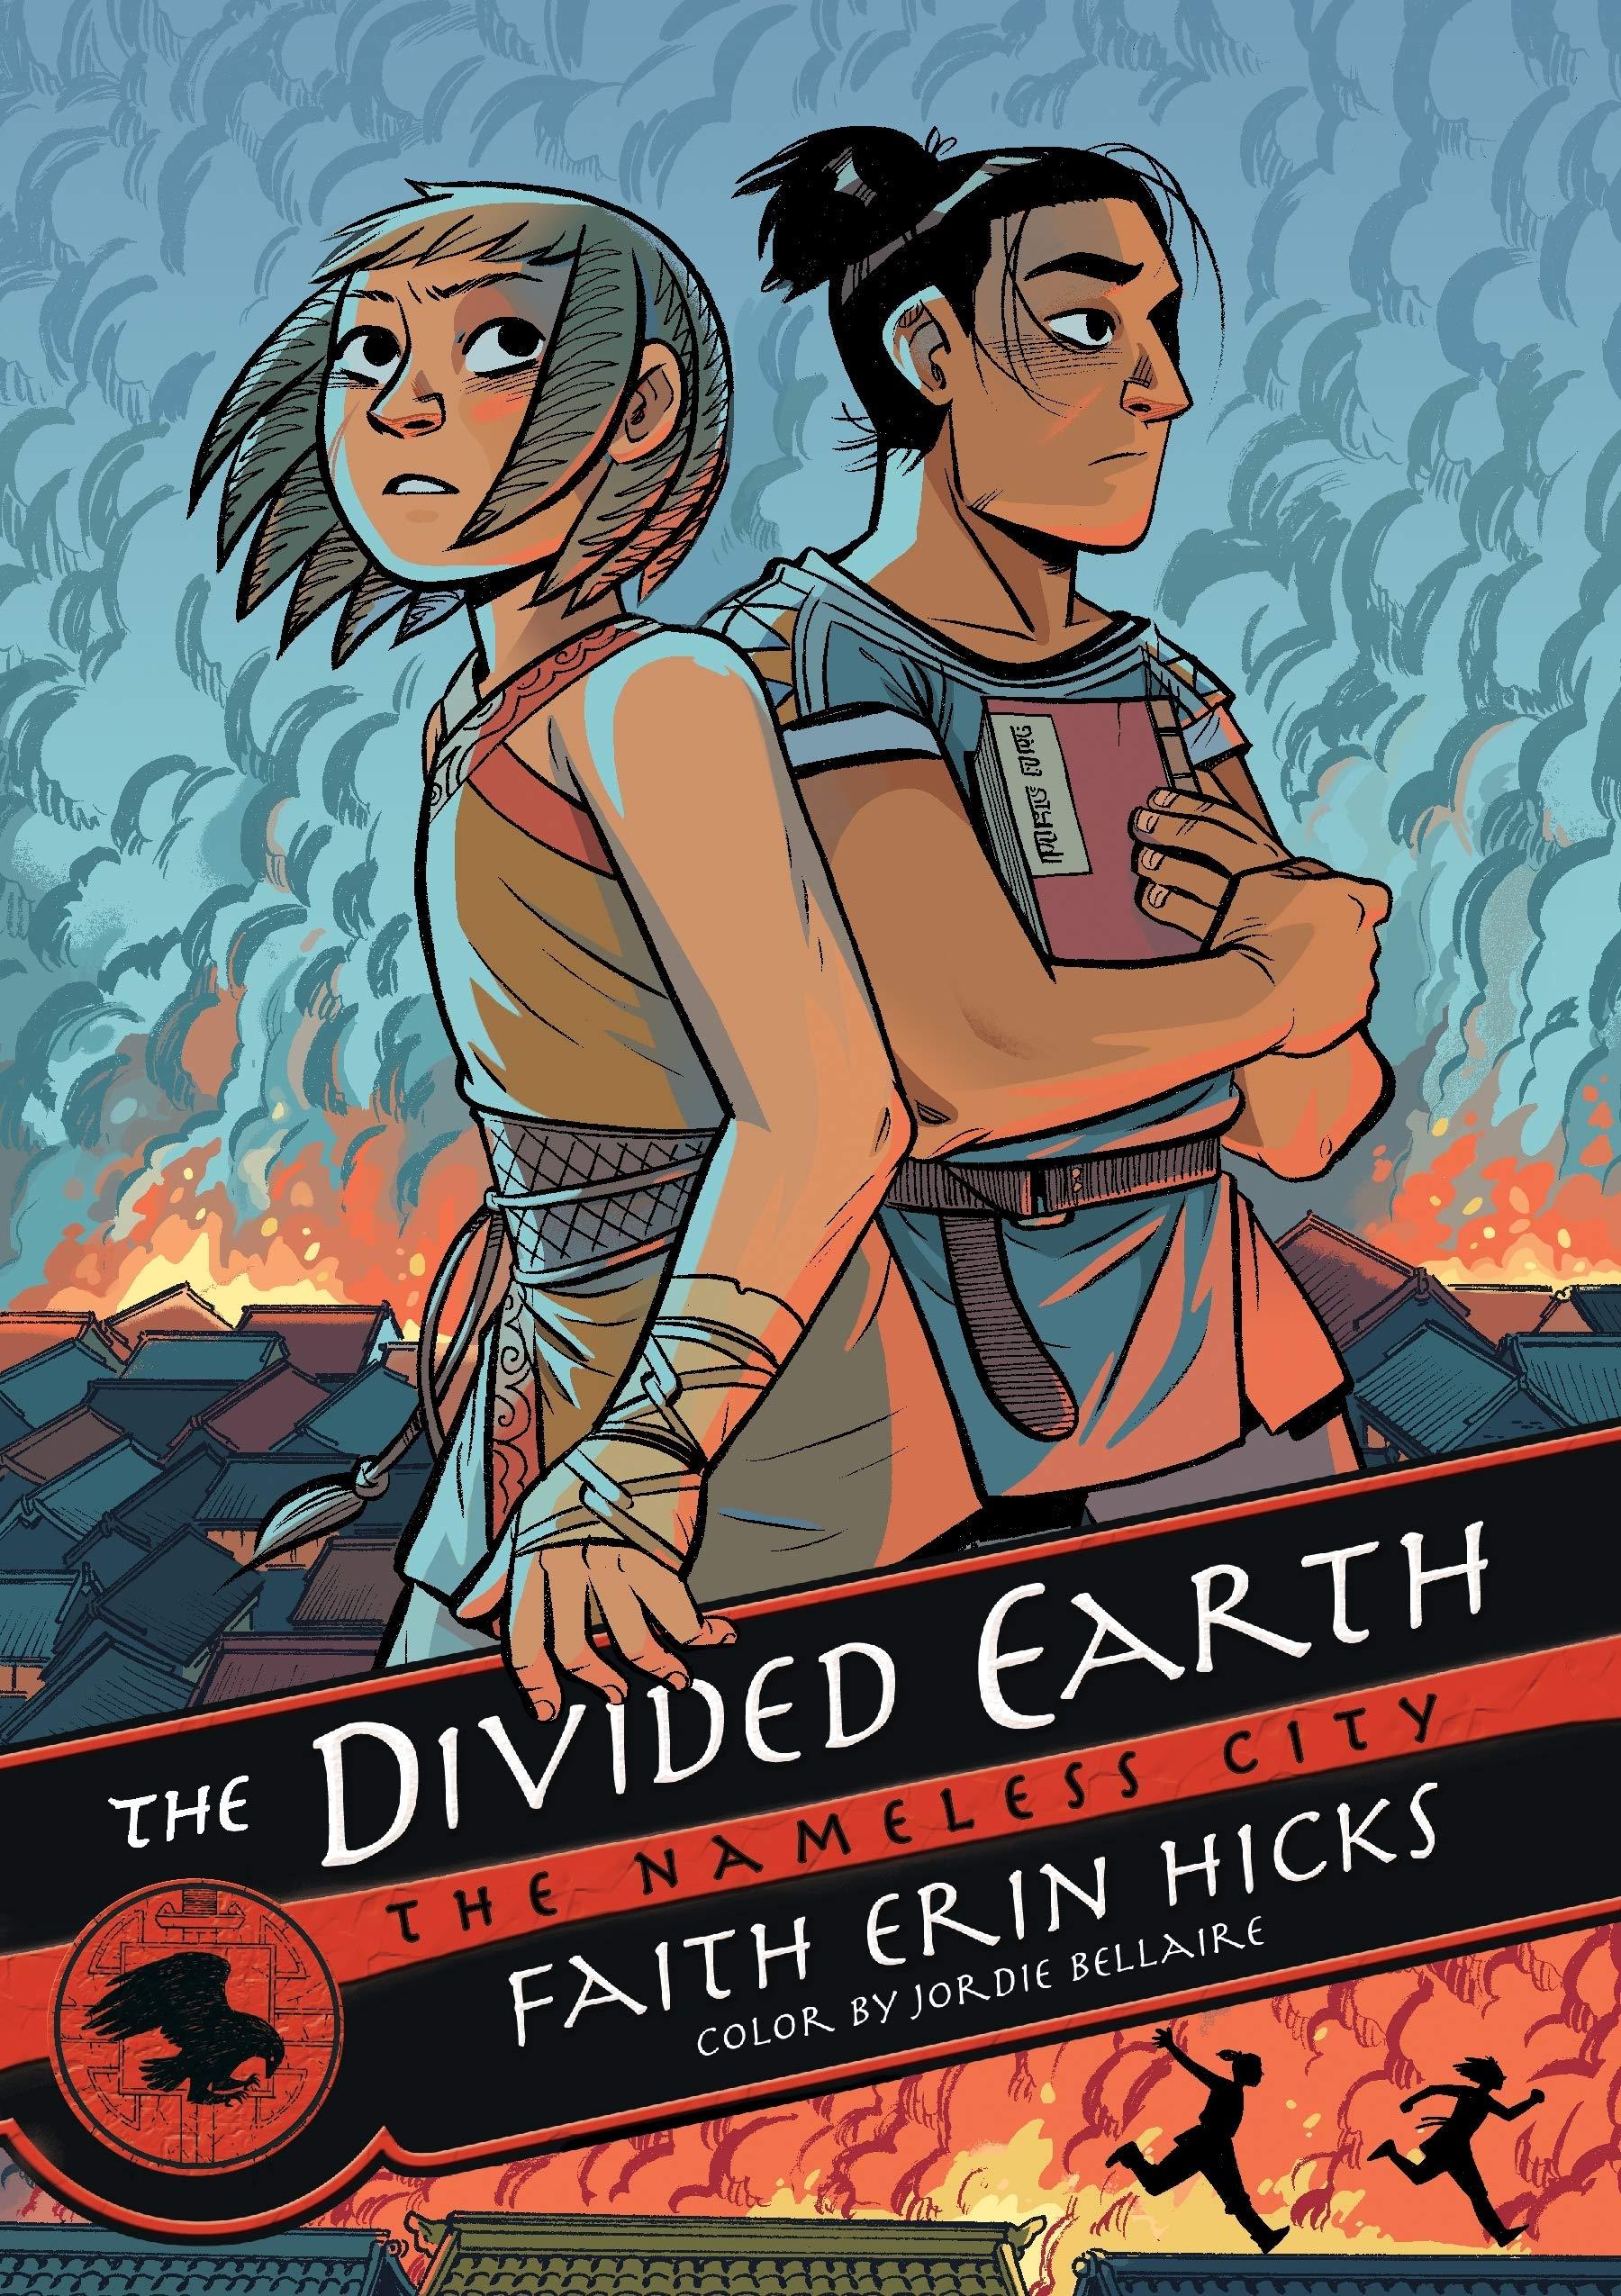 Amazon.com: The Nameless City: The Divided Earth (9781626721616): Hicks,  Faith Erin: Books